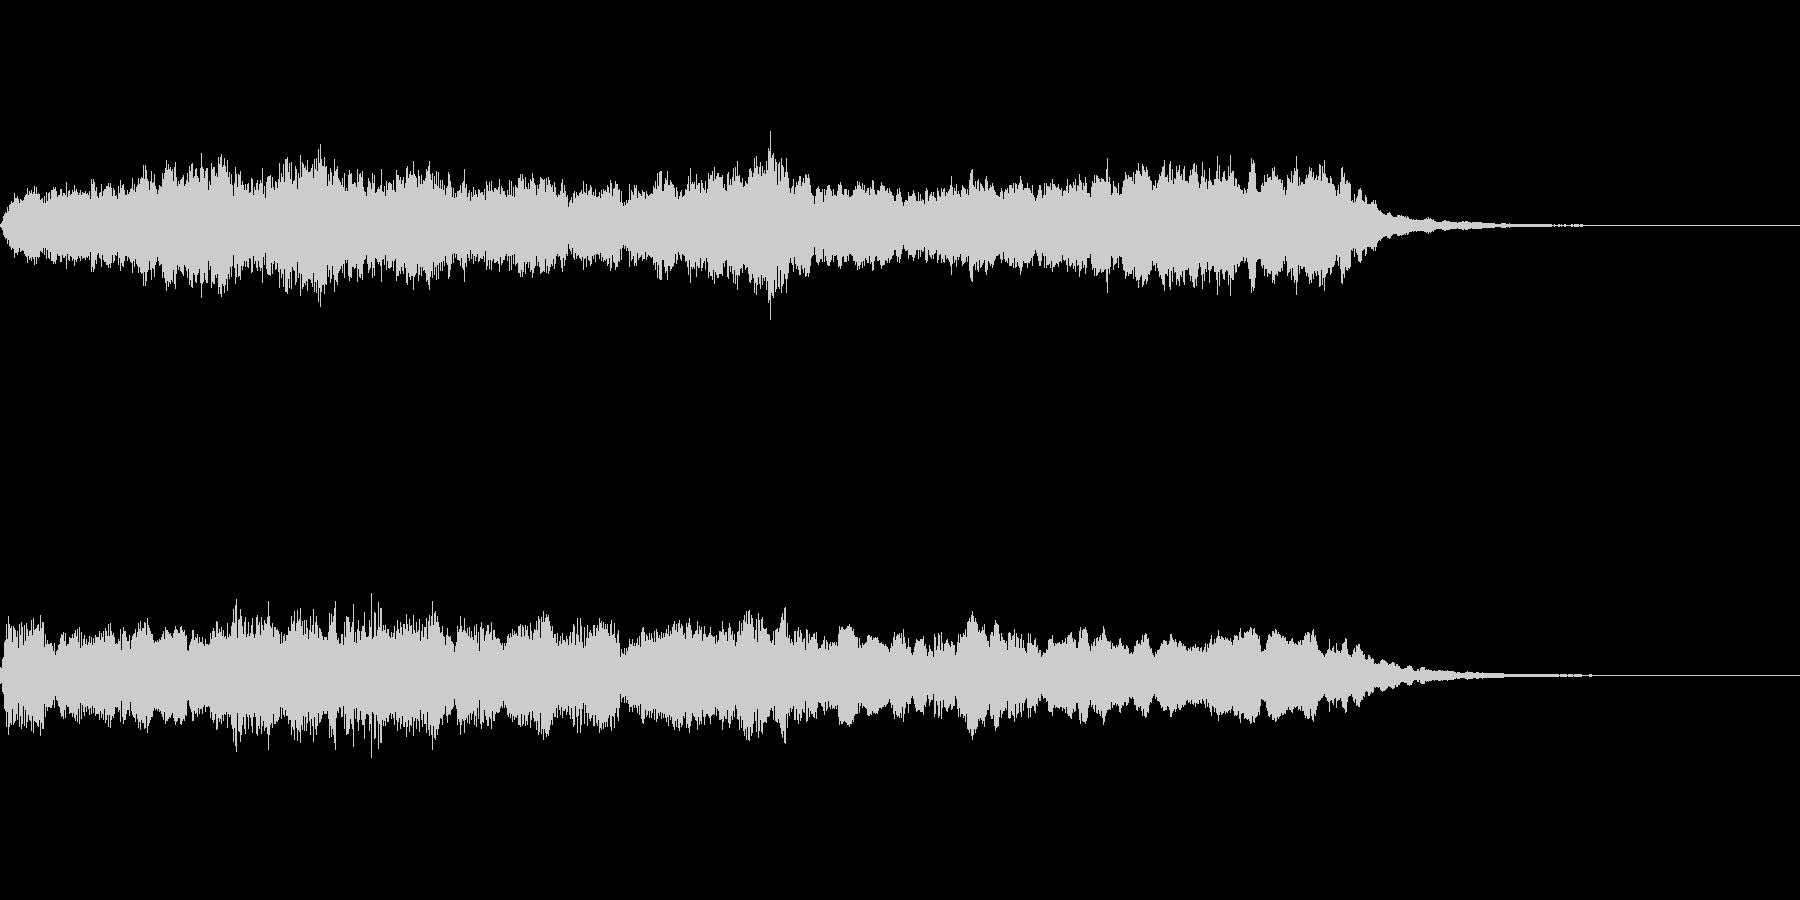 アンティークな質感のオーケストラジングルの未再生の波形